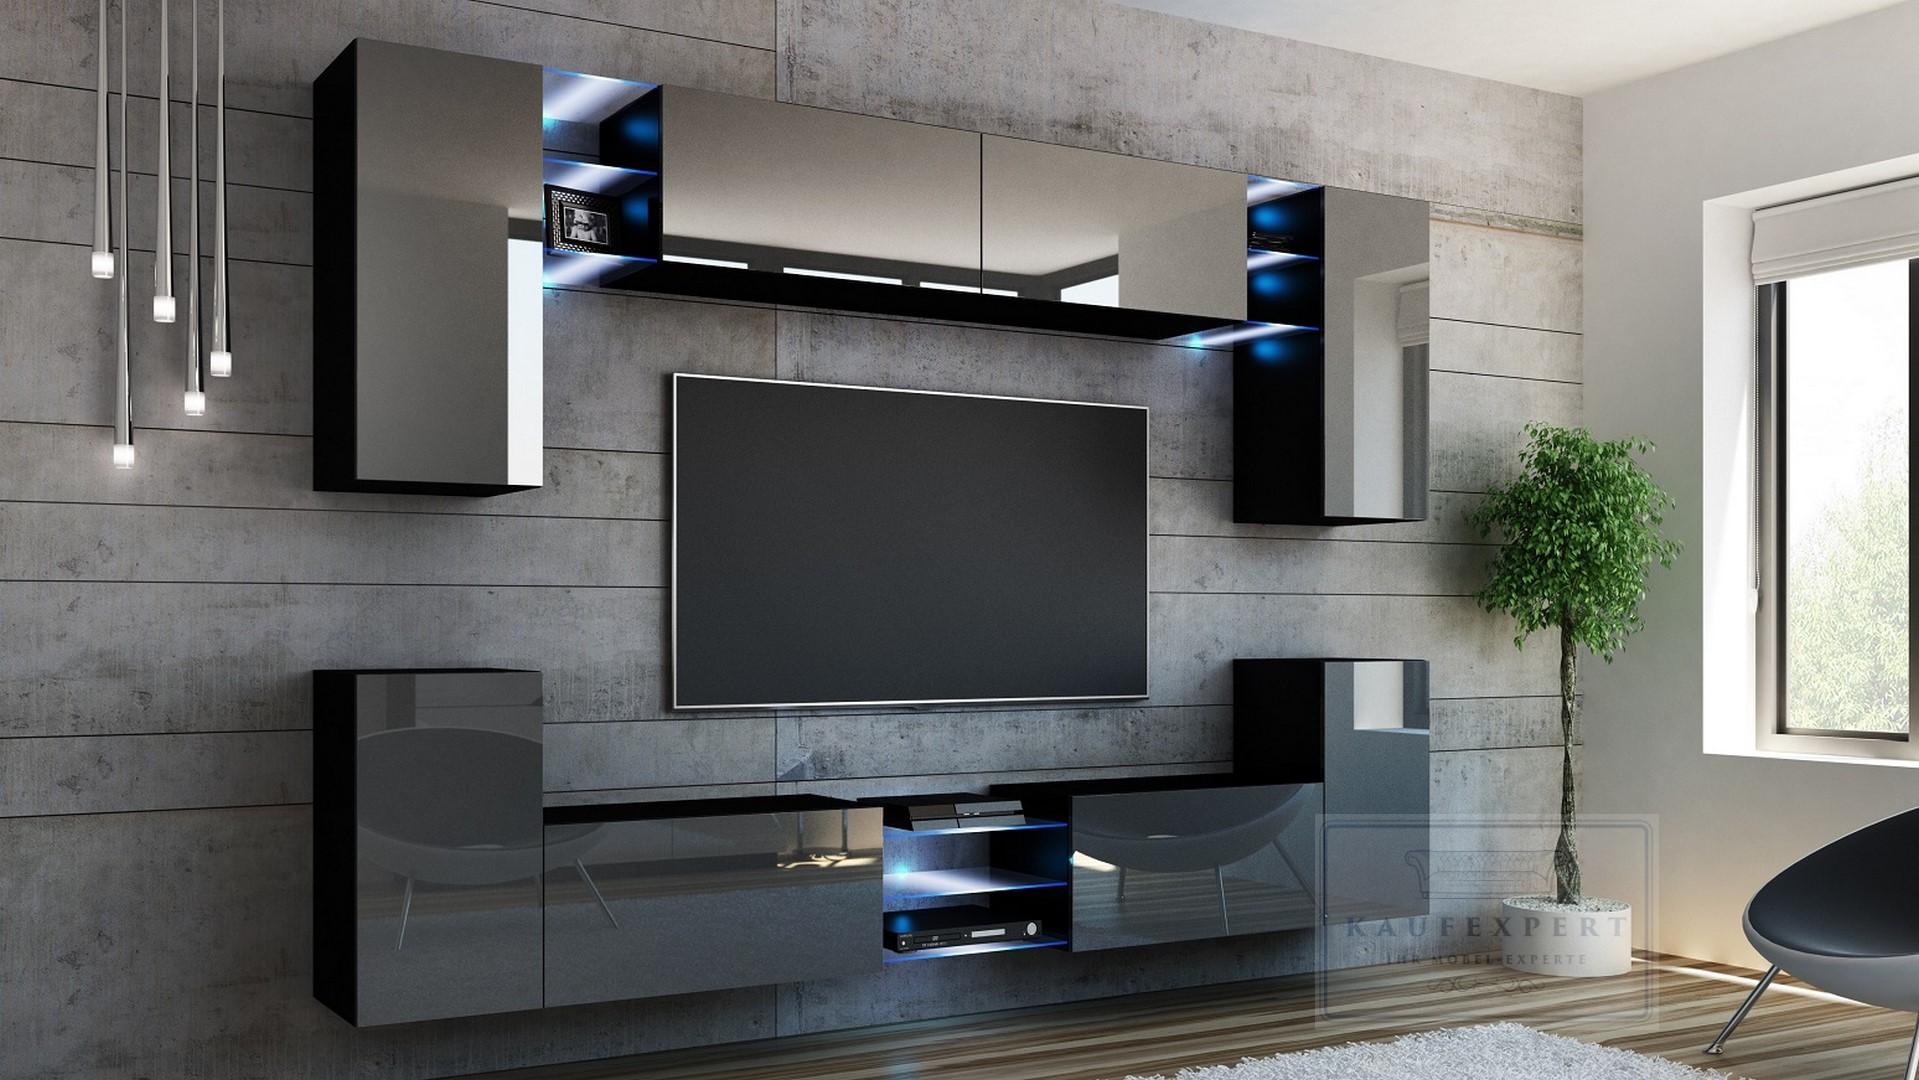 kaufexpert wohnwand splash grau hochglanz schwarz. Black Bedroom Furniture Sets. Home Design Ideas